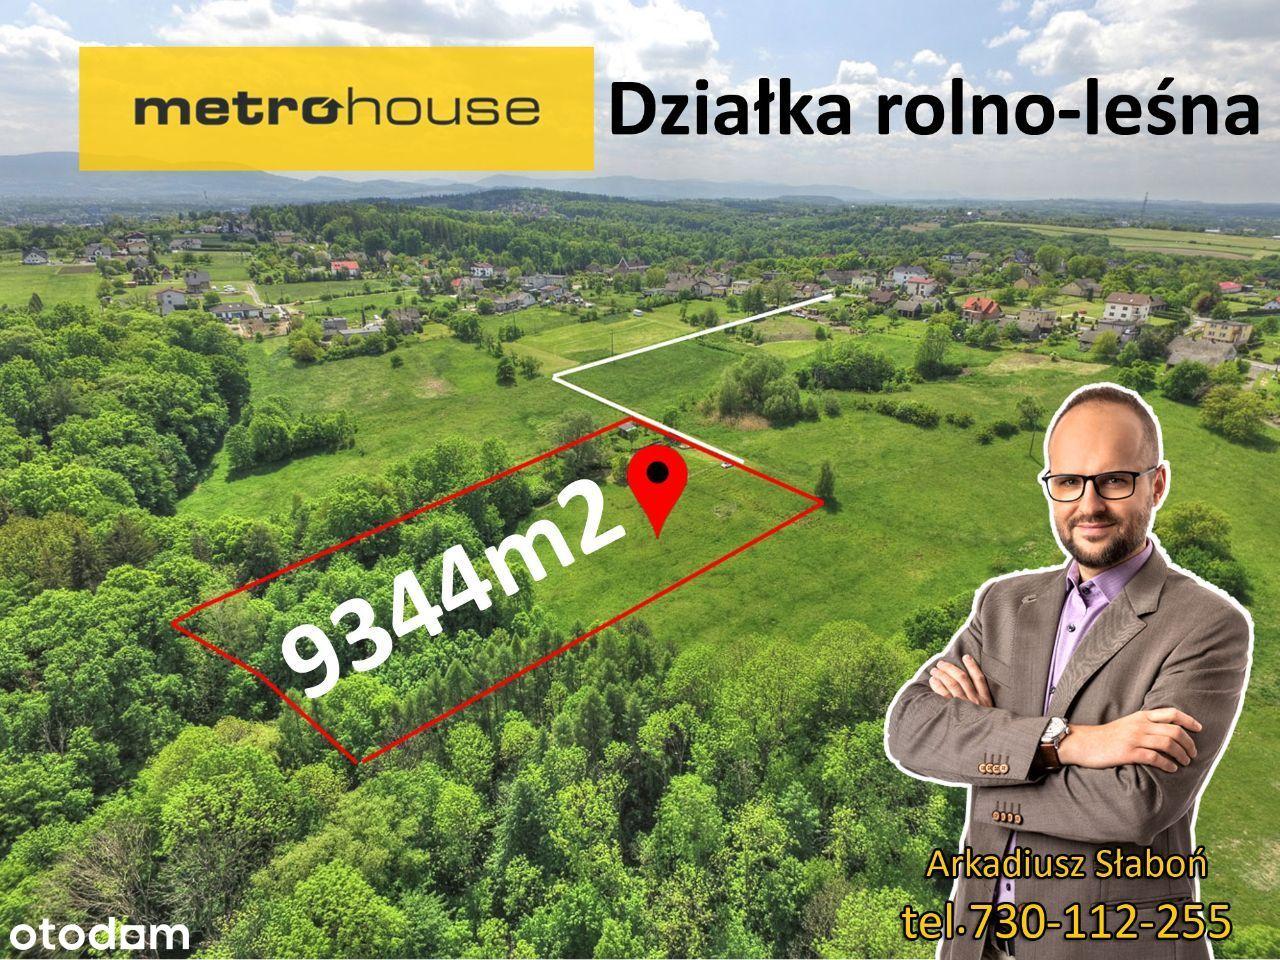 Działka rolno-leśna 9344m2 z lasem.